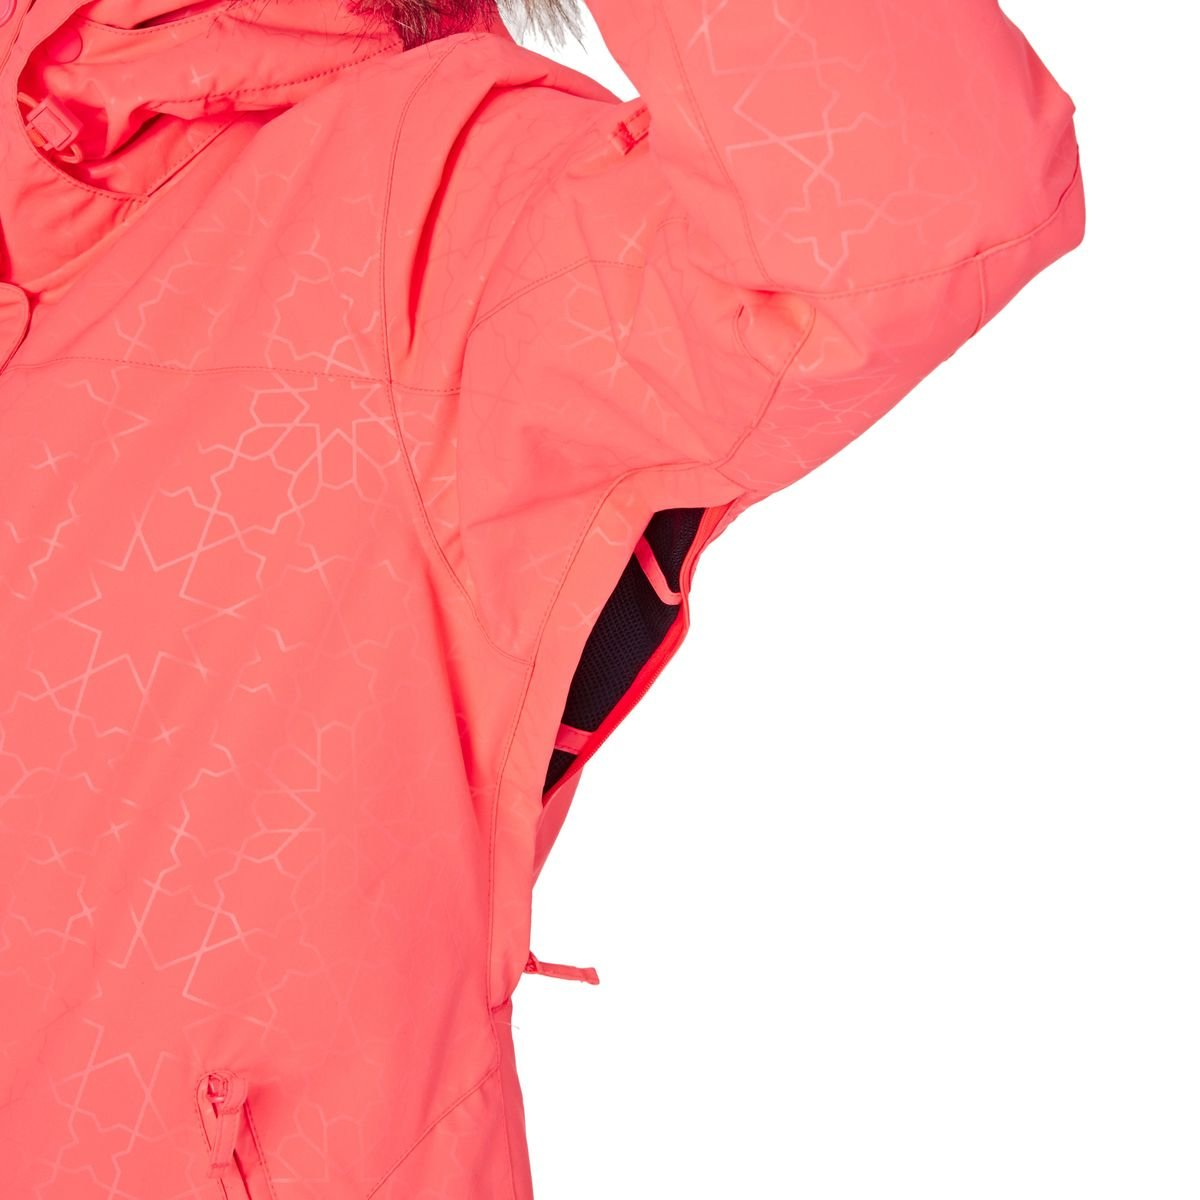 ROXY JET SKI SOLID JKT JKT JKT YFK8 XLB072FRPQ6GL Neon Grapefruit | Pacchetto Elegante E Robusto  | La Qualità Del Prodotto  | Qualità primaria  | Prestazioni Affidabili  | prezzo al minuto  | Forte calore e resistenza all'abrasione  4598a4